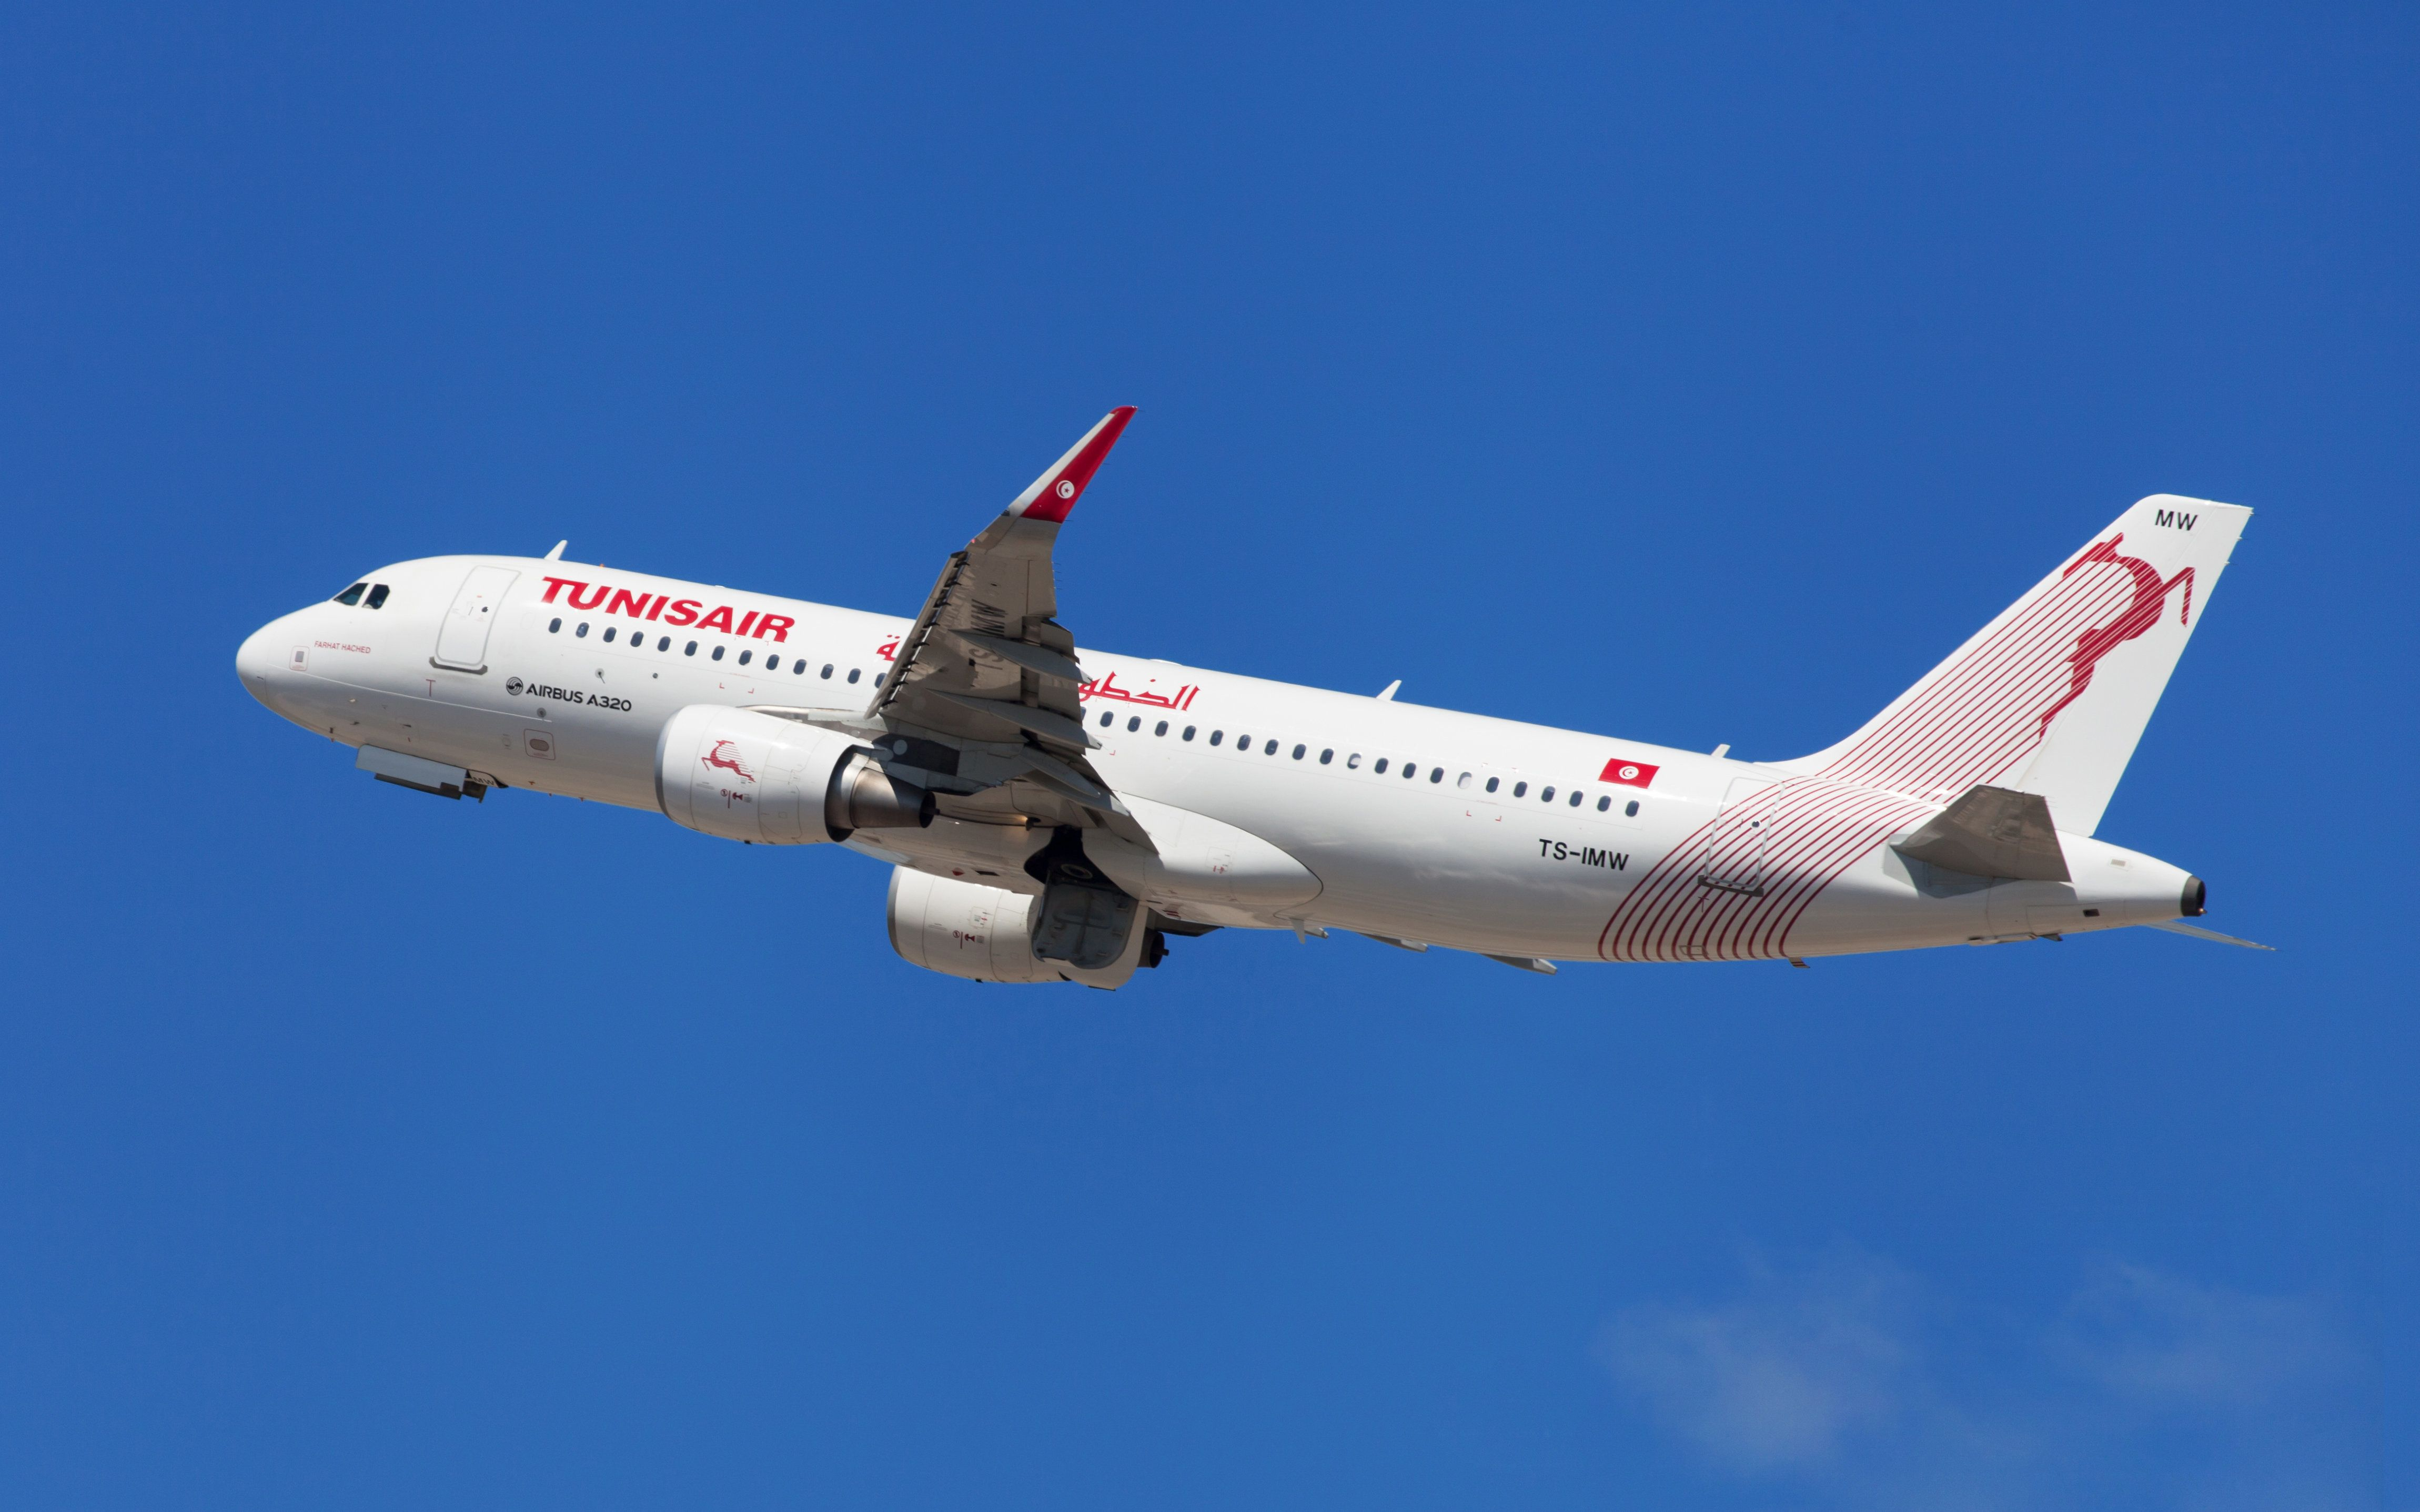 Environ 2 millions de dinars de pertes pour Tunisair, suite à la grève